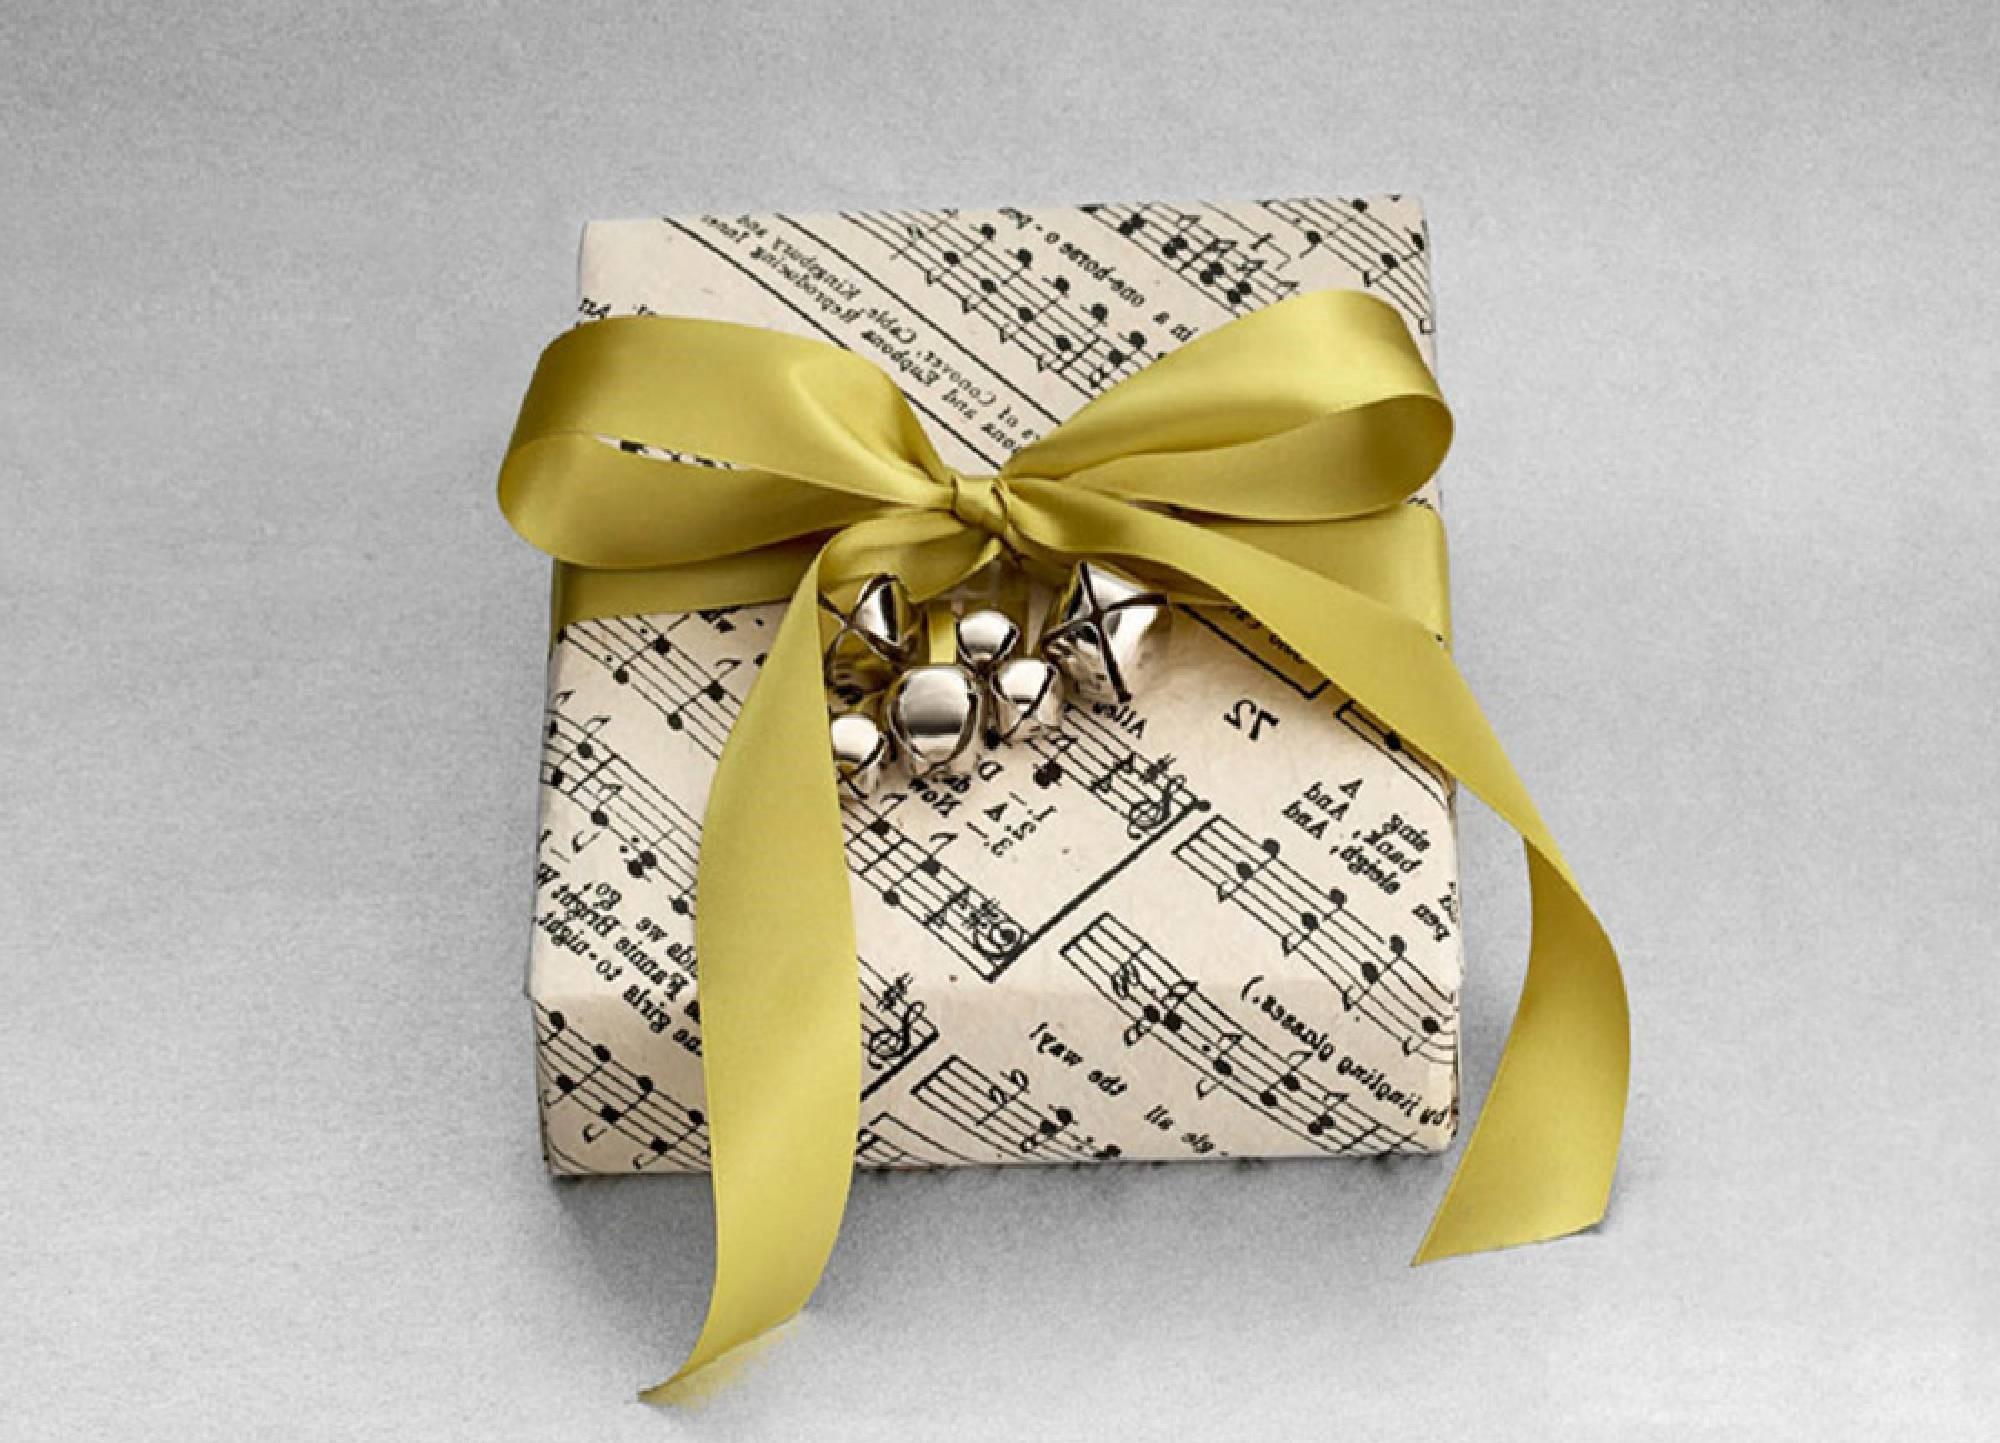 Voici comment faire un paquet cadeau original pour les amateurs de la lusique.